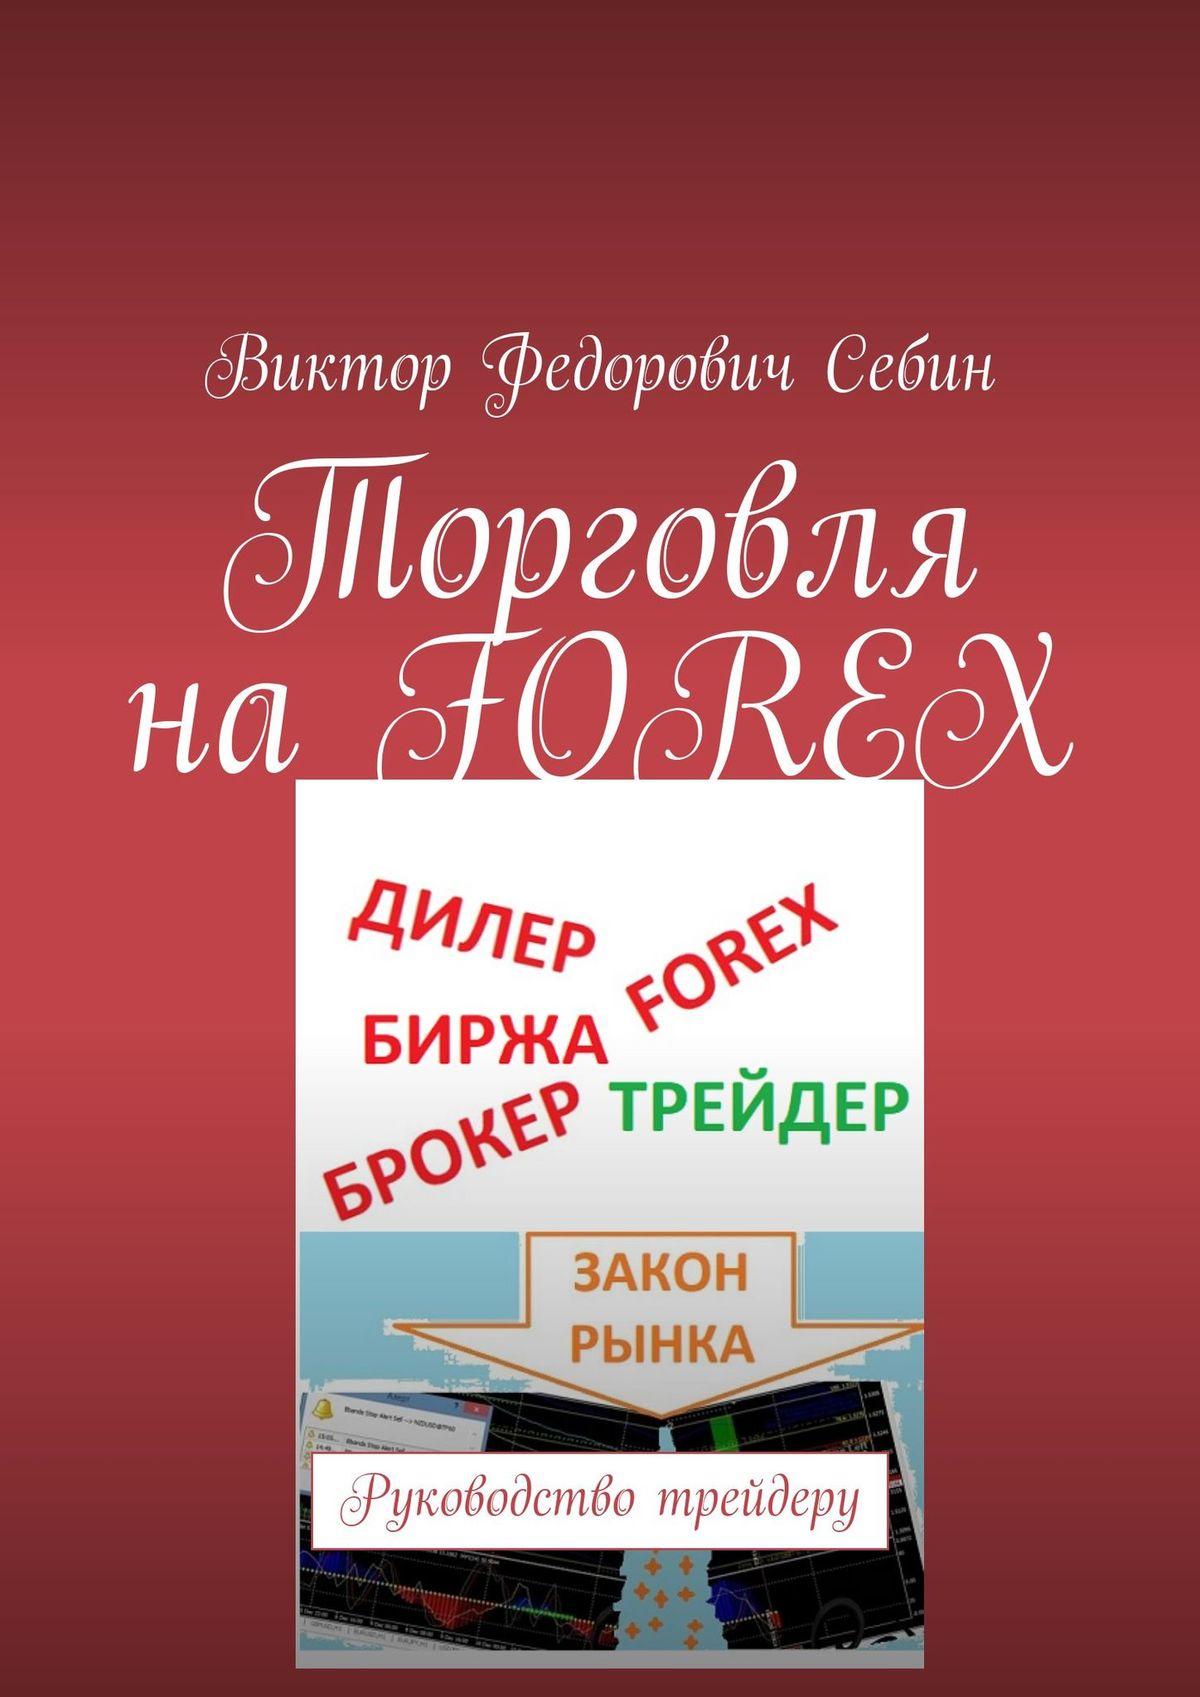 Виктор Федорович Себин Торговля наFOREX. Руководство трейдеру